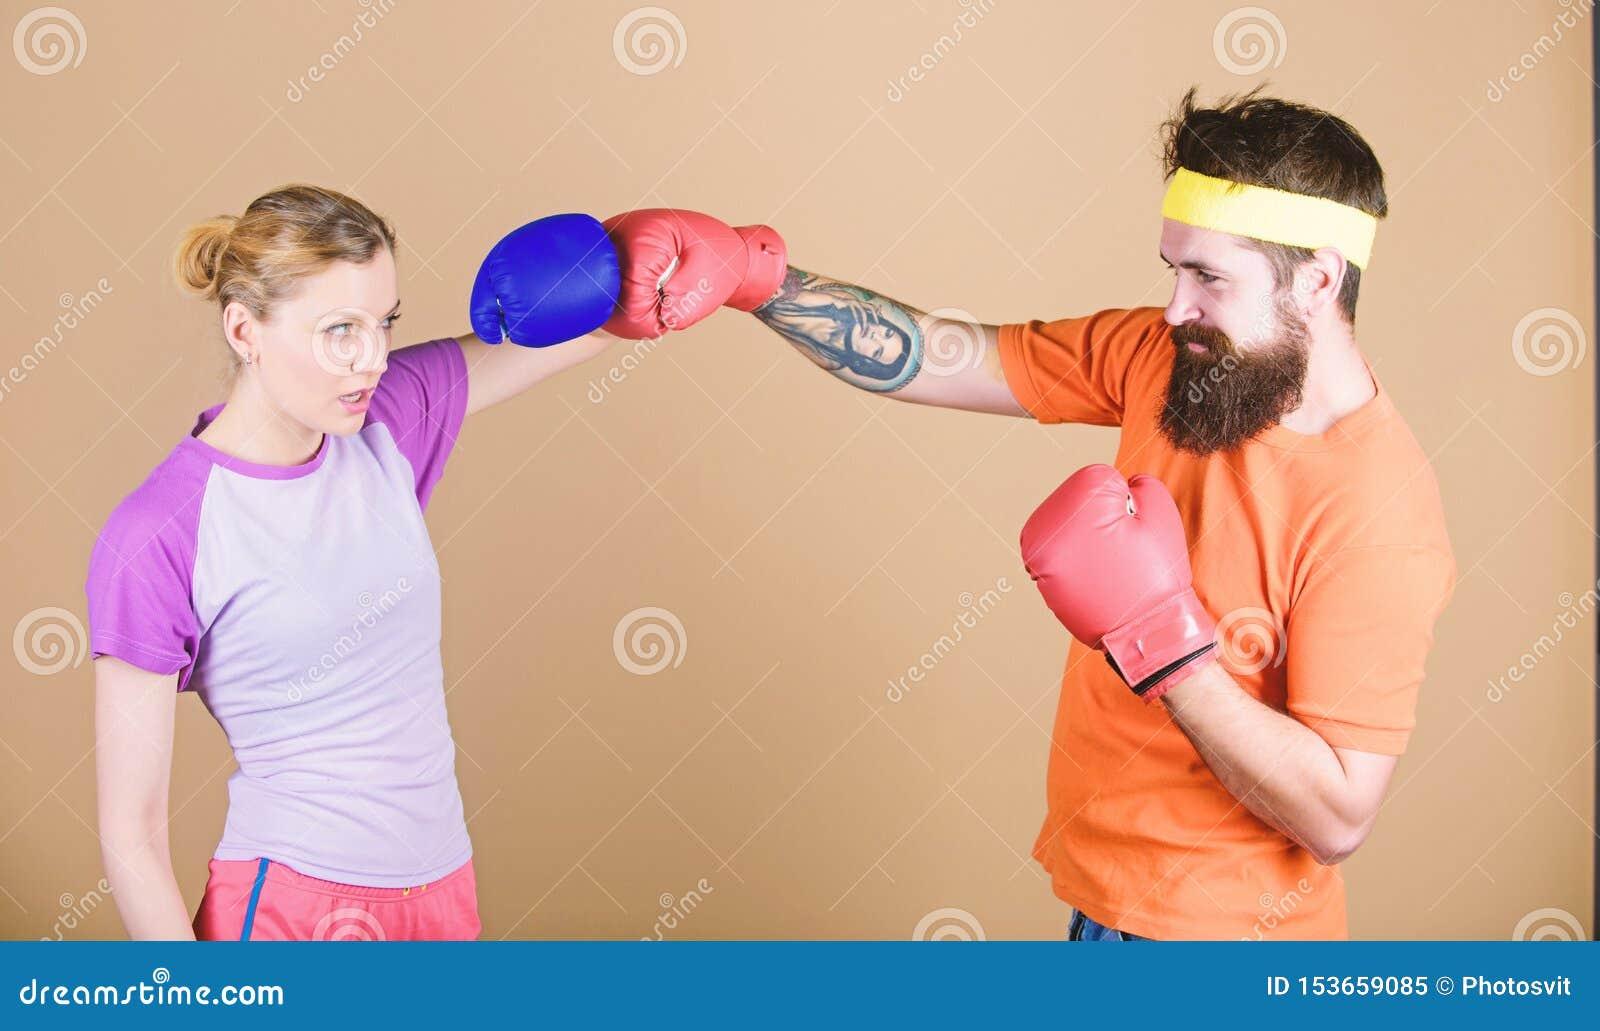 Lochen, Sport Erfolg Ausscheidungswettkampf und Energie Paartraining in den Boxhandschuhen Gl?ckliche Frau und b?rtiges Manntrain